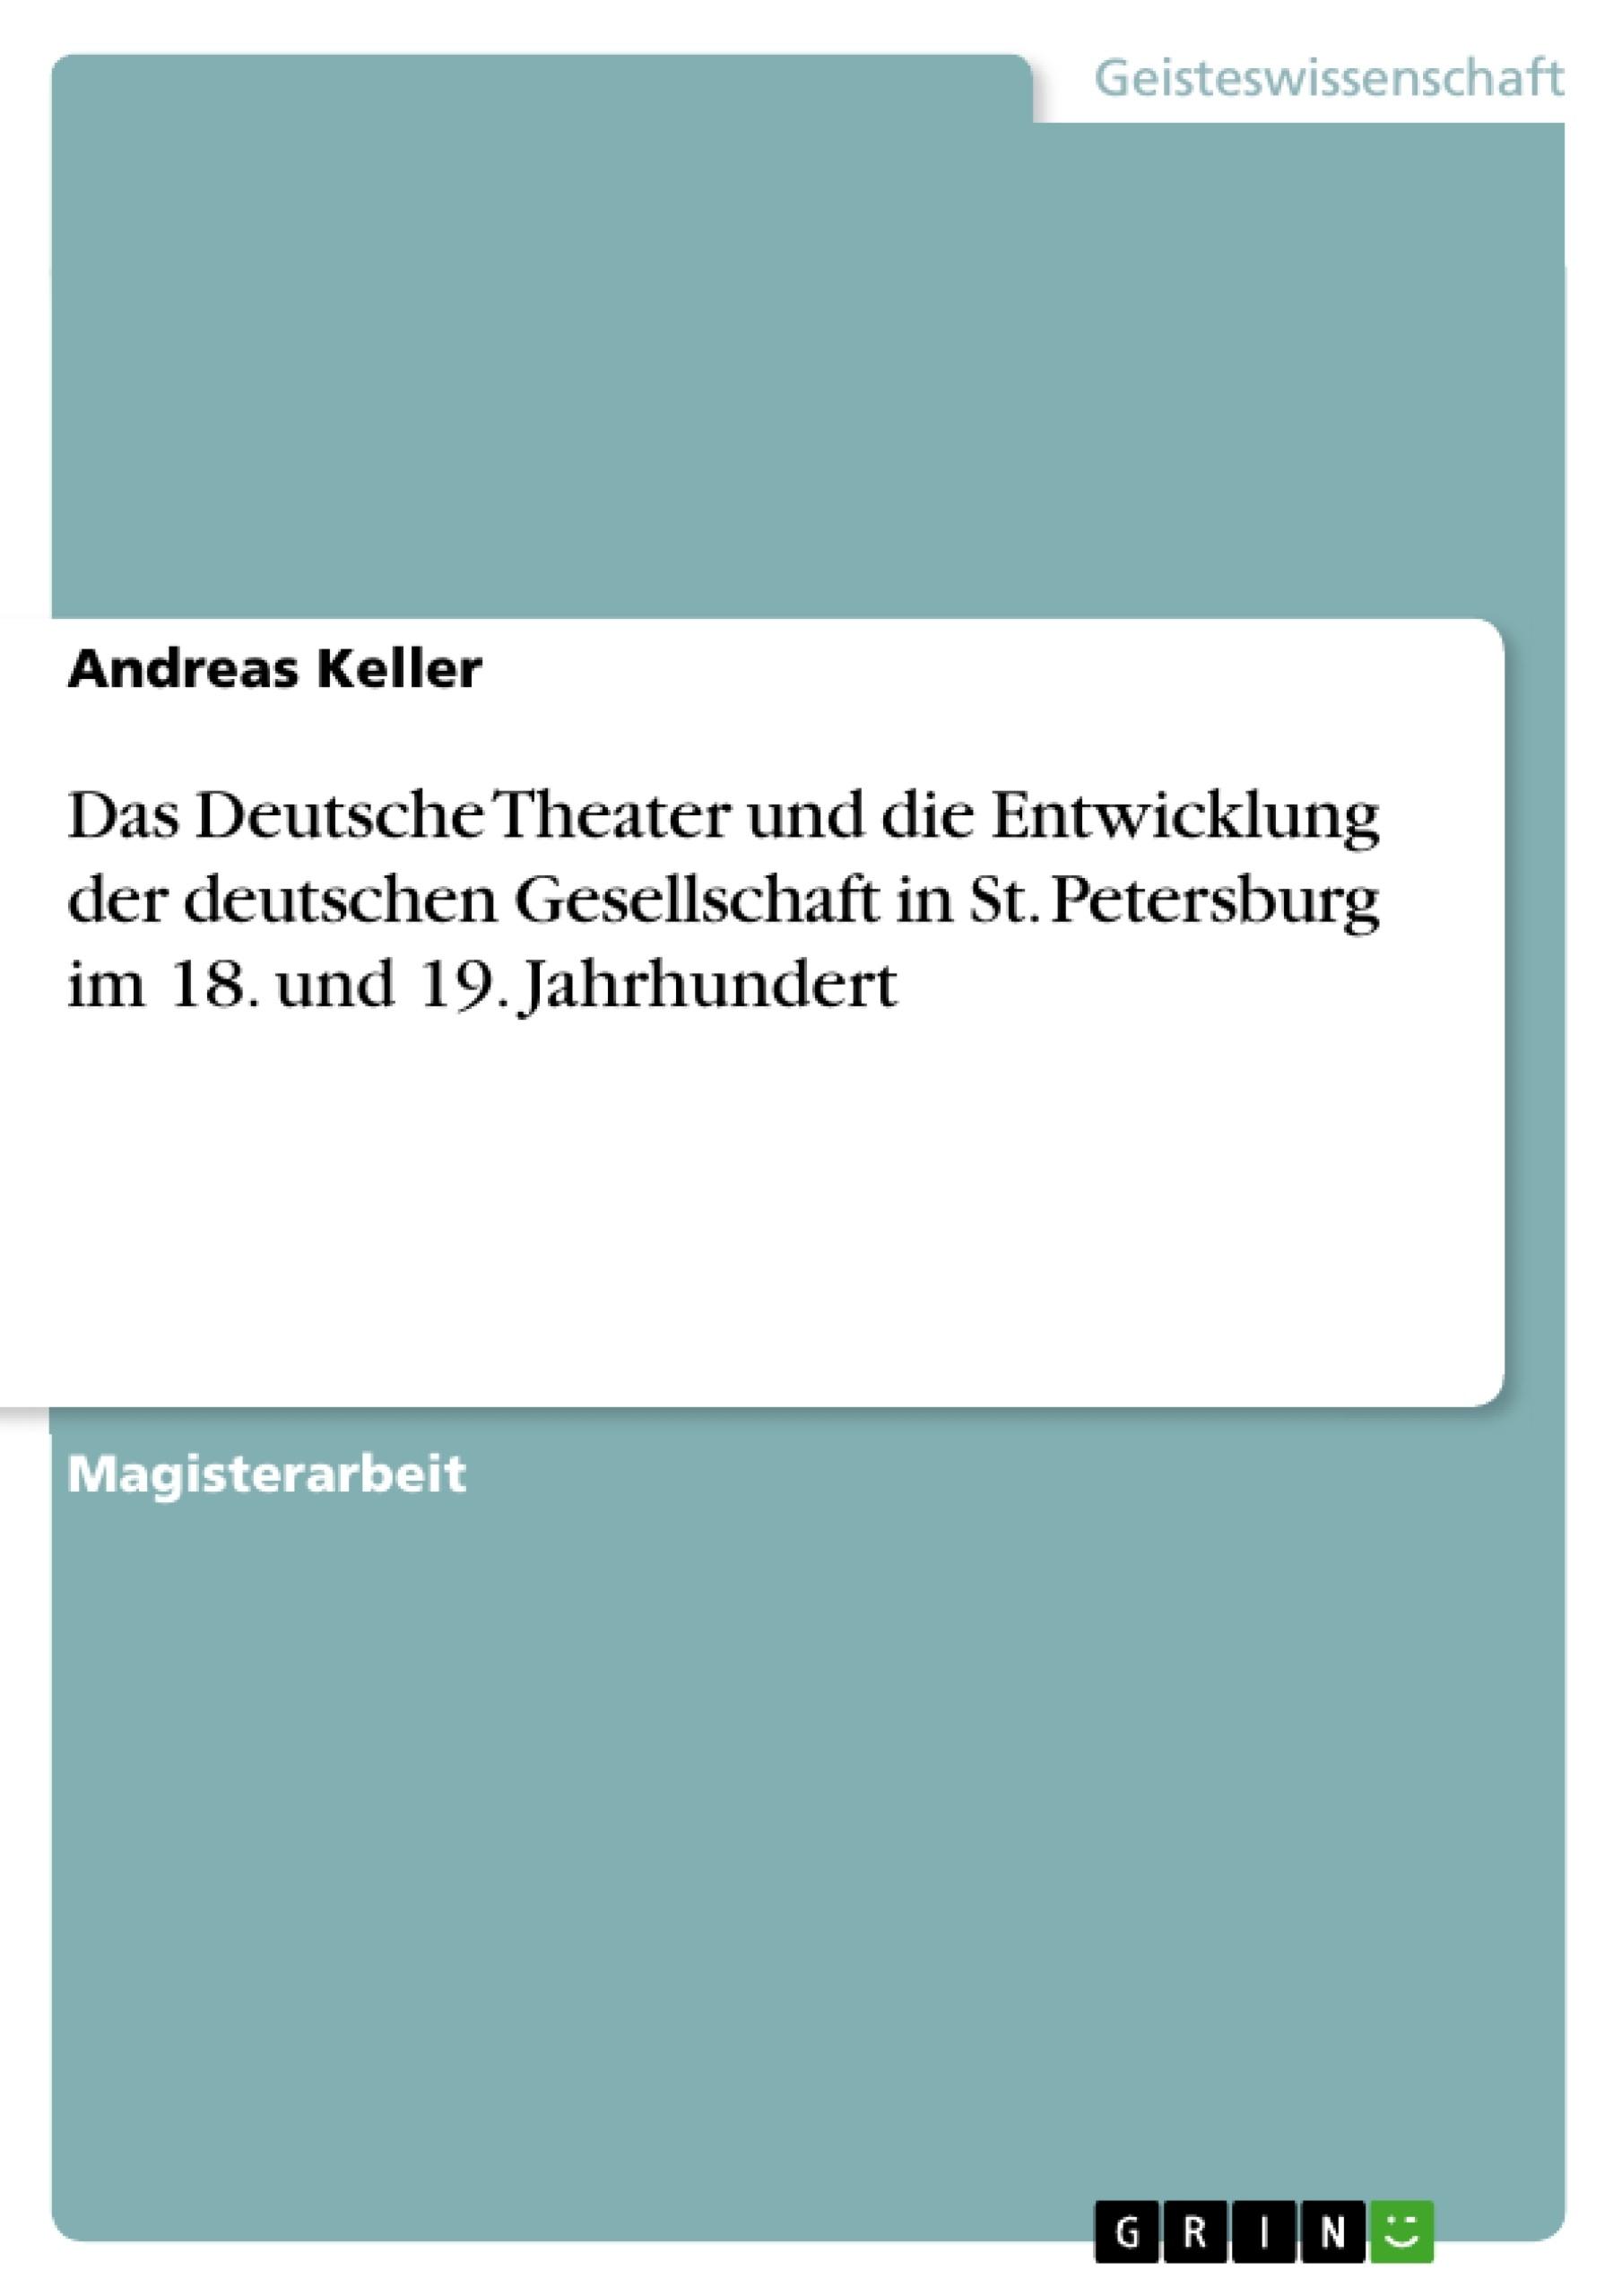 Titel: Das Deutsche Theater und die Entwicklung der deutschen Gesellschaft in St. Petersburg im 18. und 19. Jahrhundert